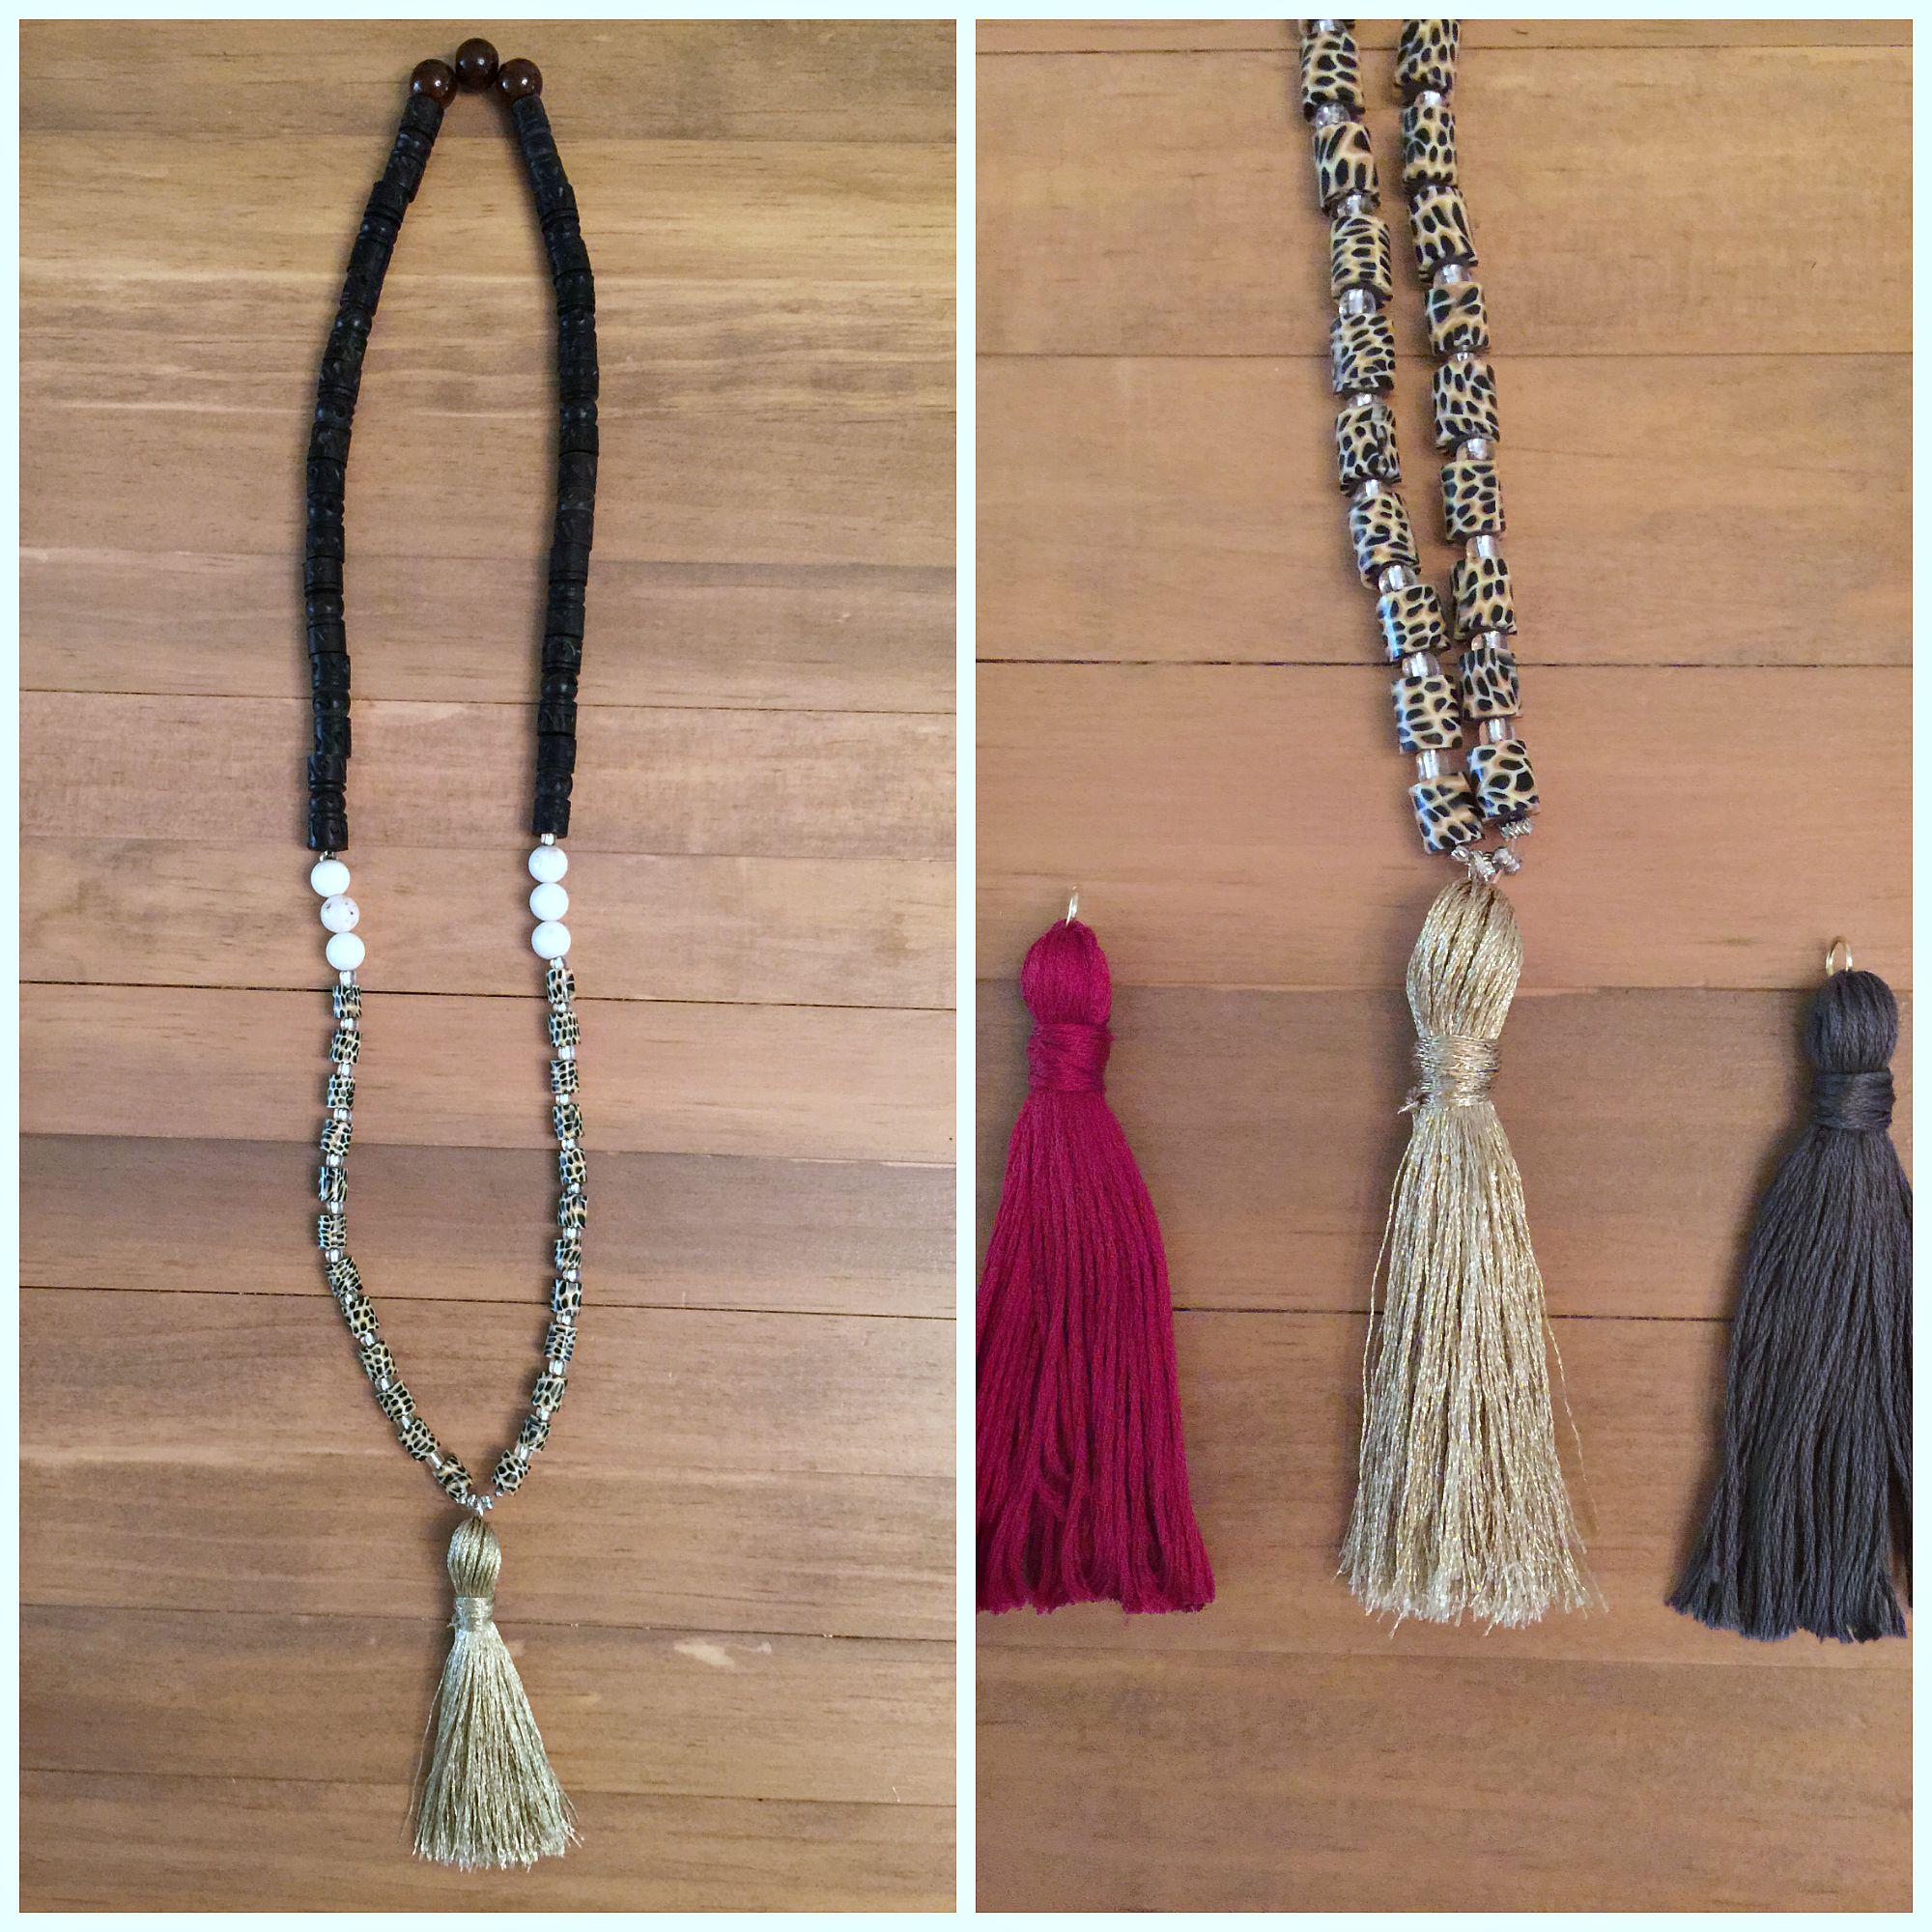 diy beaded tassel necklace. Black Bedroom Furniture Sets. Home Design Ideas